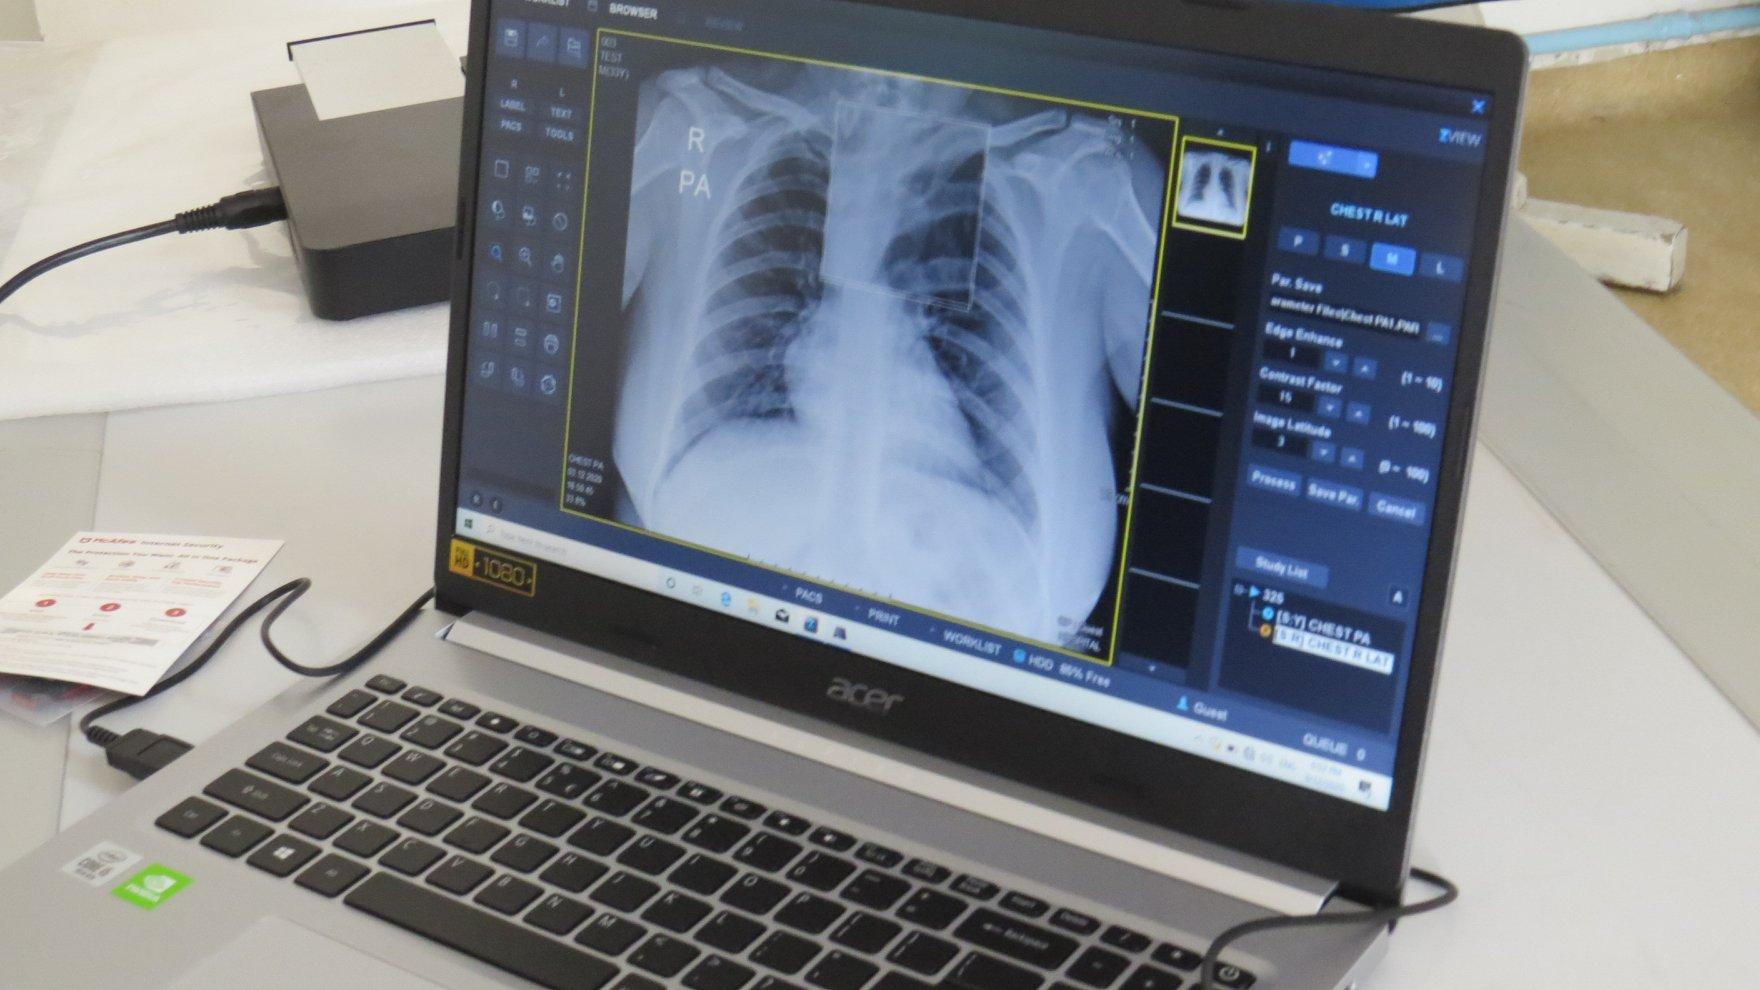 Орчин үеийн зөөврийн дижитал рентген аппарат хүлээн авлаа.